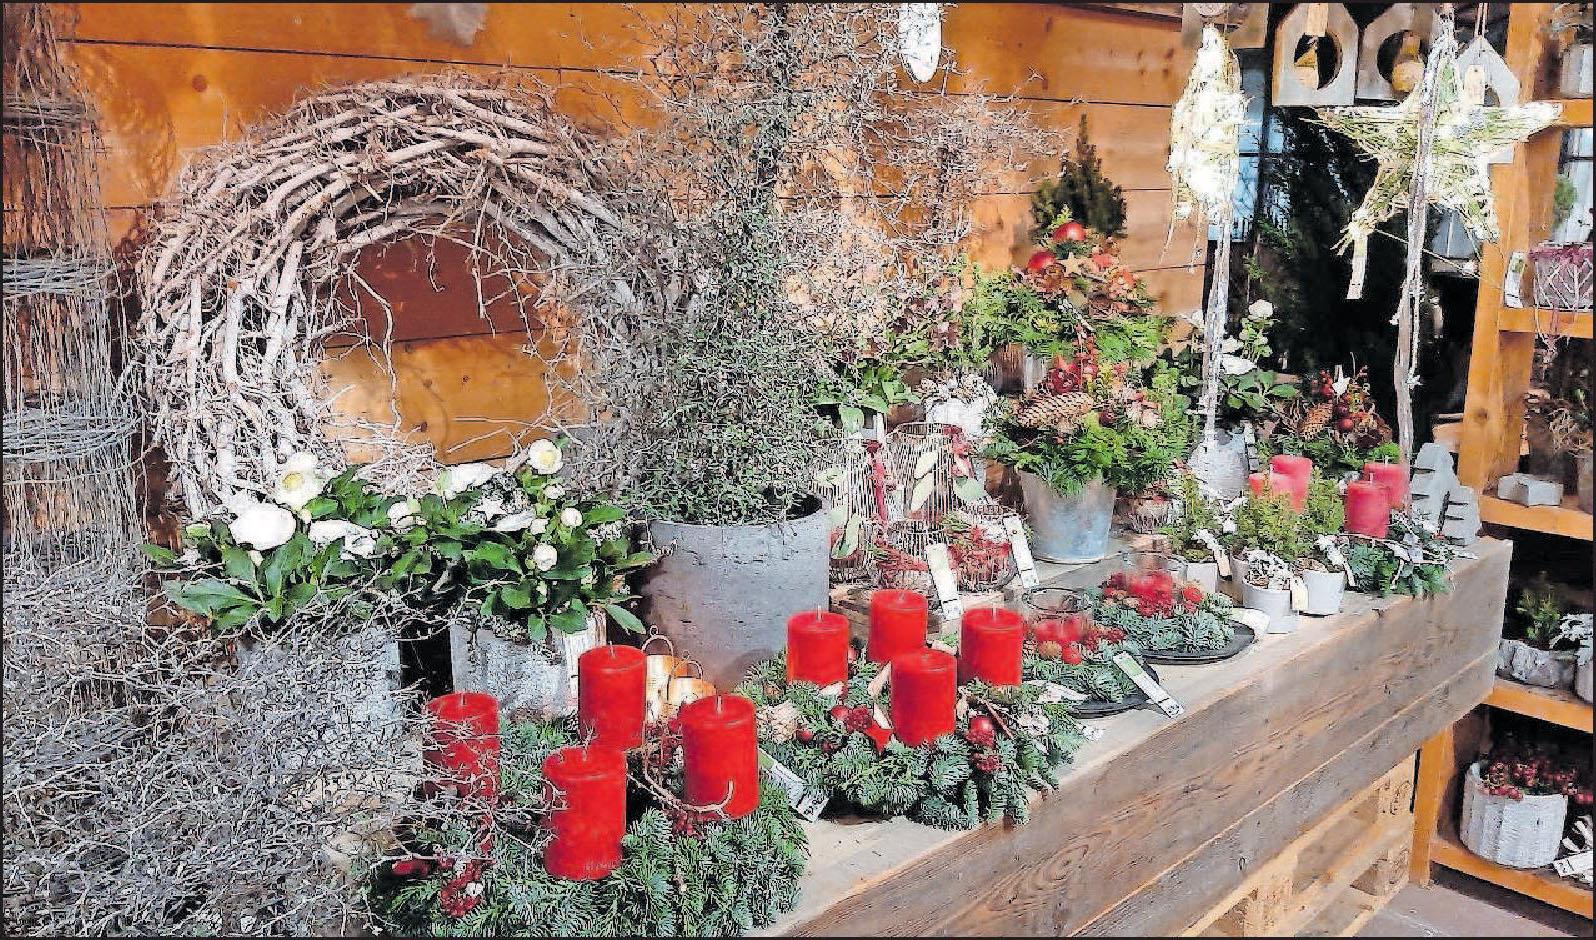 Rote Kerzen gehören für viele obligatorisch auf den Adventskranz:Weitere Impressionen und florale Ideen für die Vorweihnachtszeit gibt es in Rheingönheim auch bei Blumen Schönmann. FOTO: SCHAAR